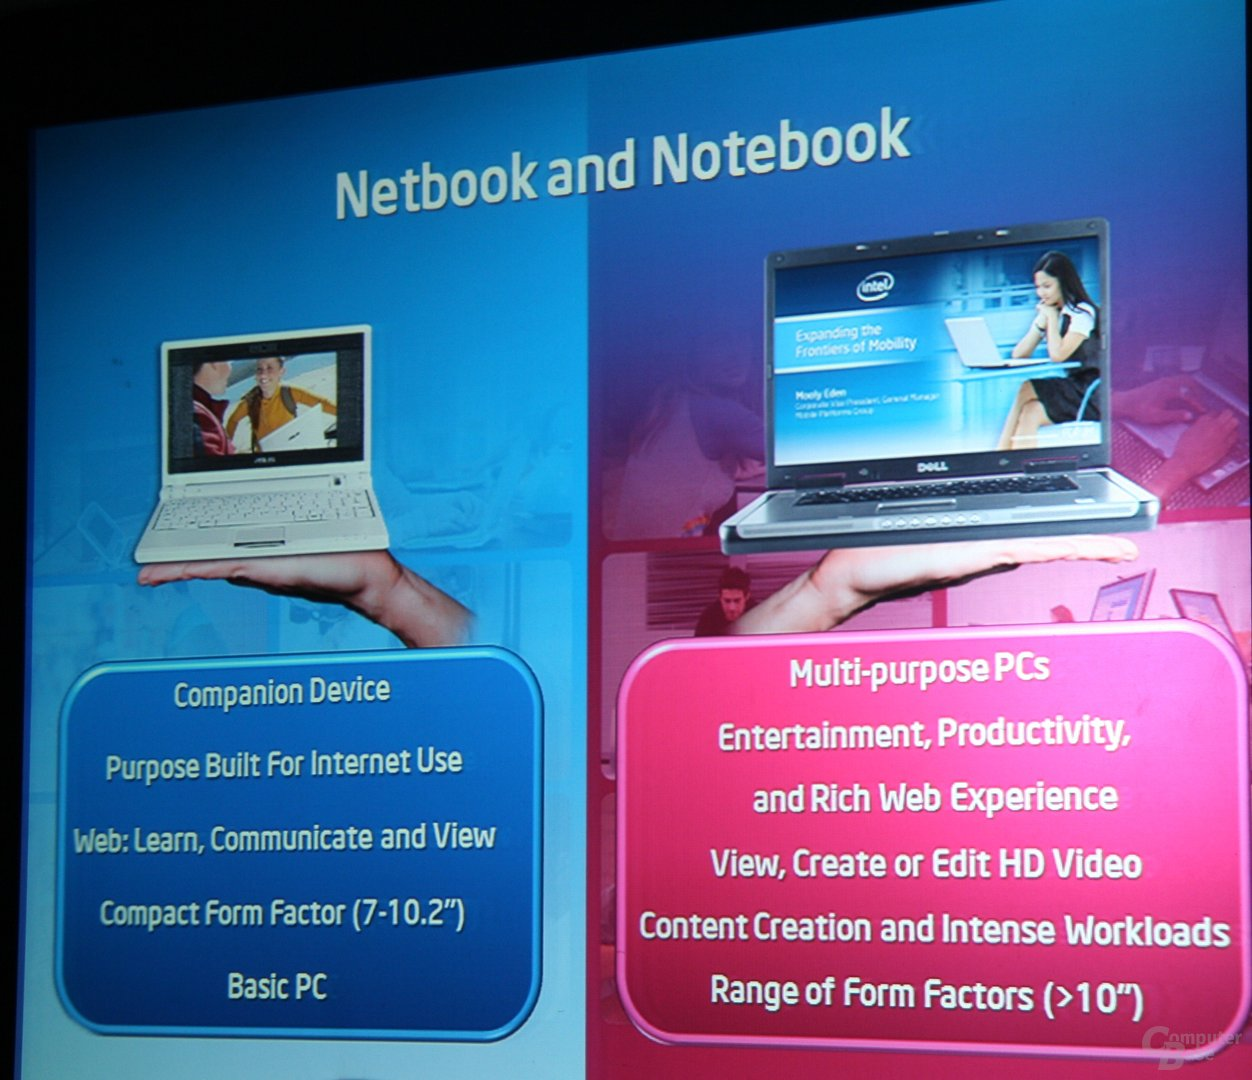 Notebooks und Netbooks